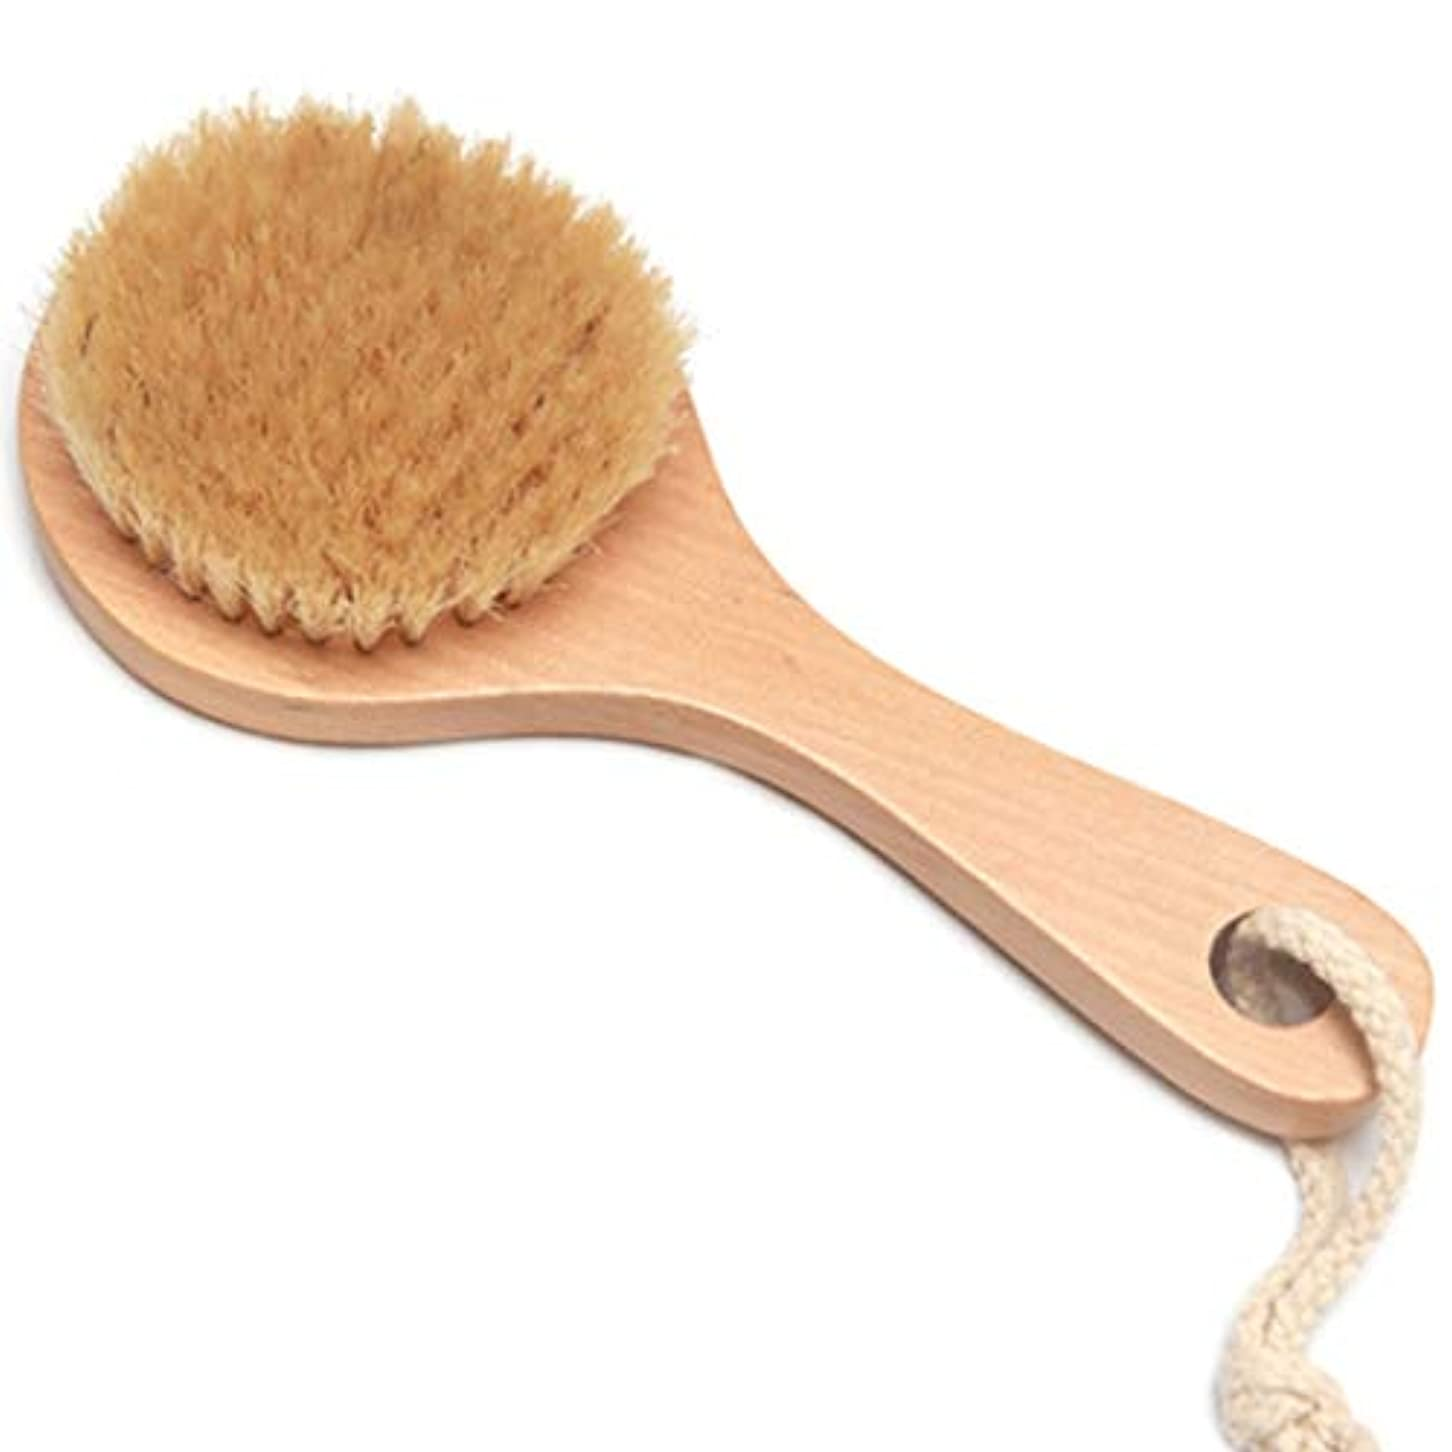 かすかな請求可能プロットバスブラシバックブラシロングハンドルやわらかい毛髪バスブラシバスブラシ角質除去クリーニングブラシ (Color : Wood color, Size : 20*7.5cm)